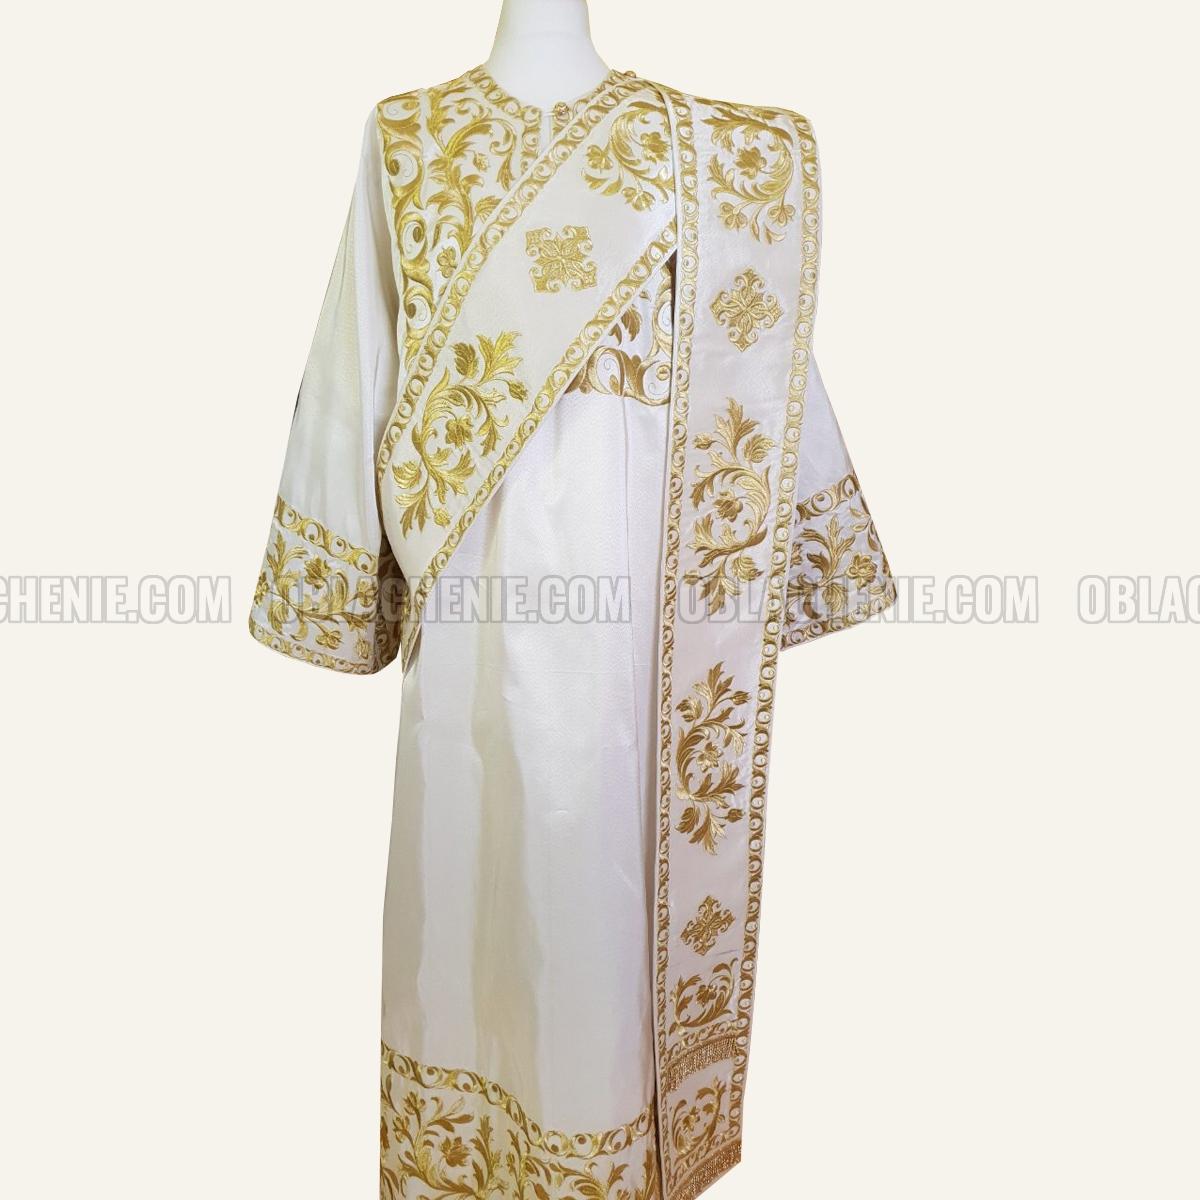 Deacon's vestments 10356